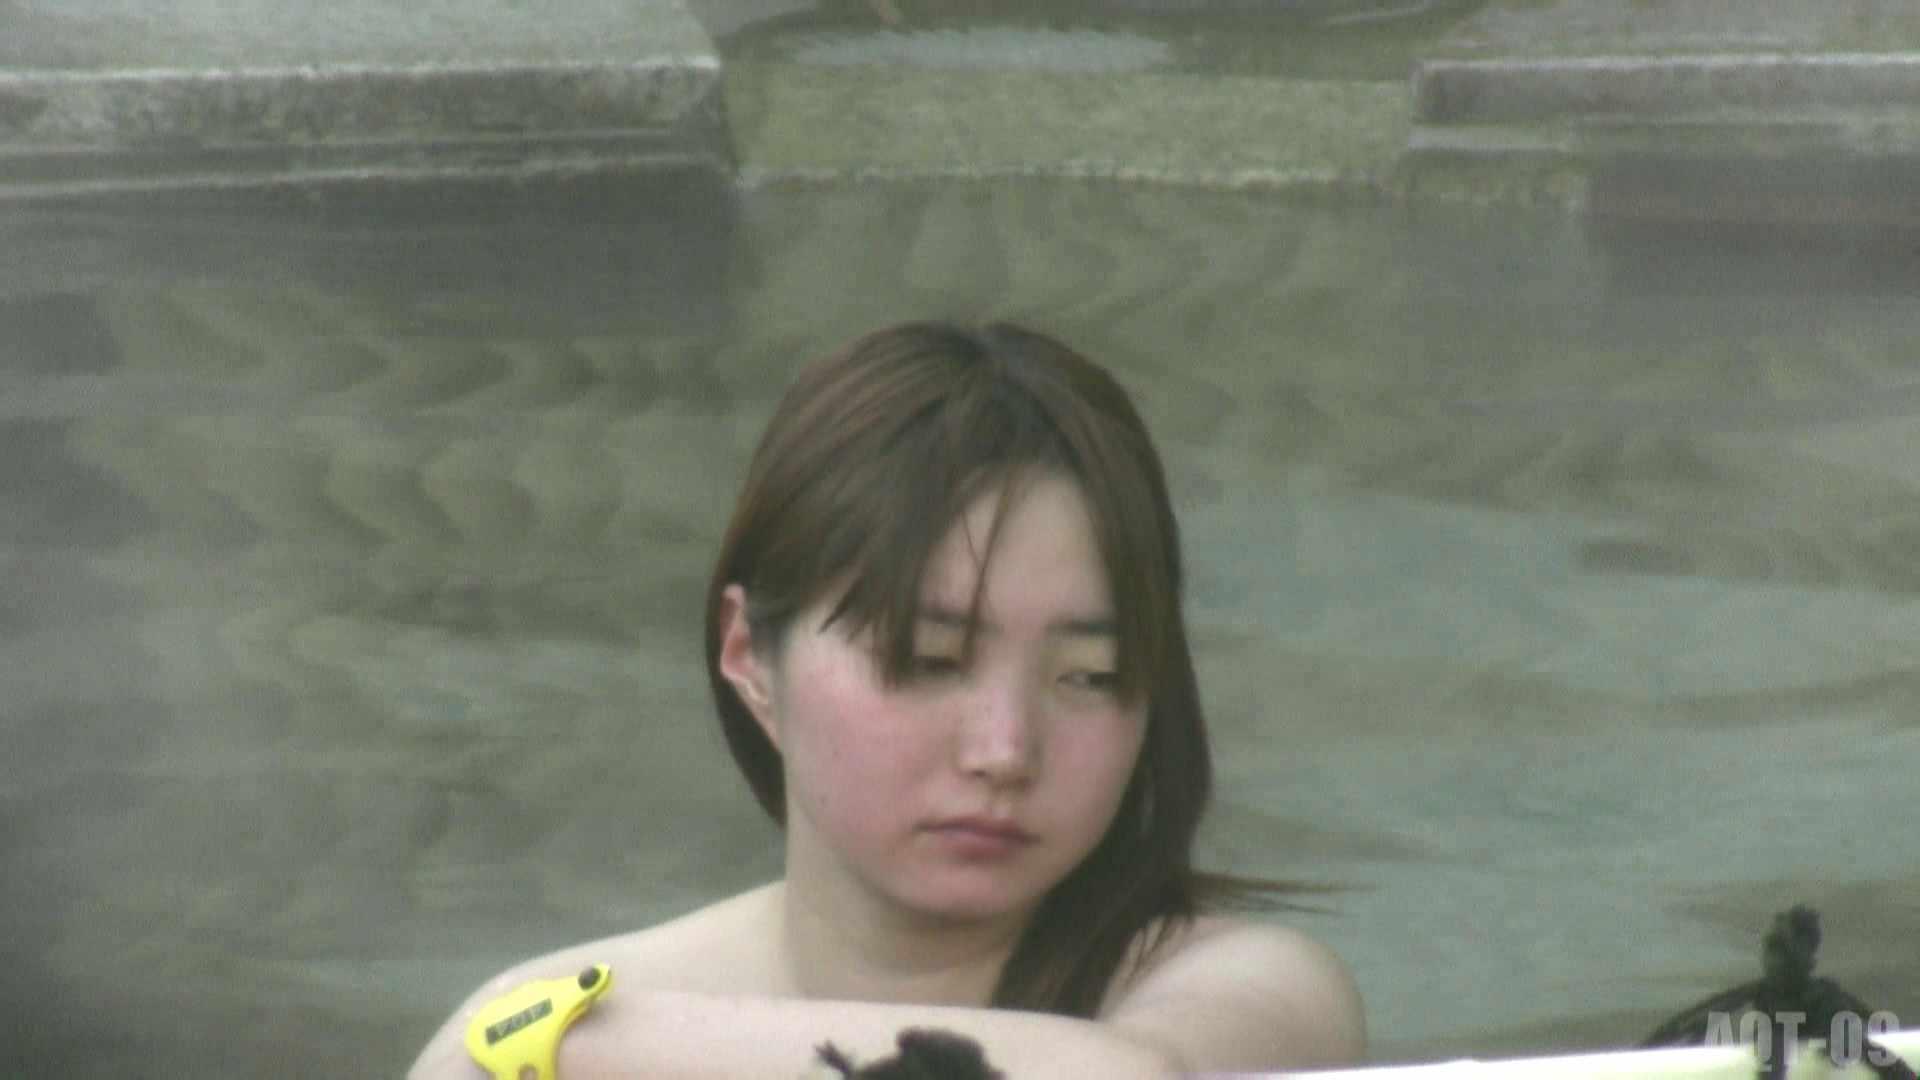 Aquaな露天風呂Vol.781 盗撮  110画像 99